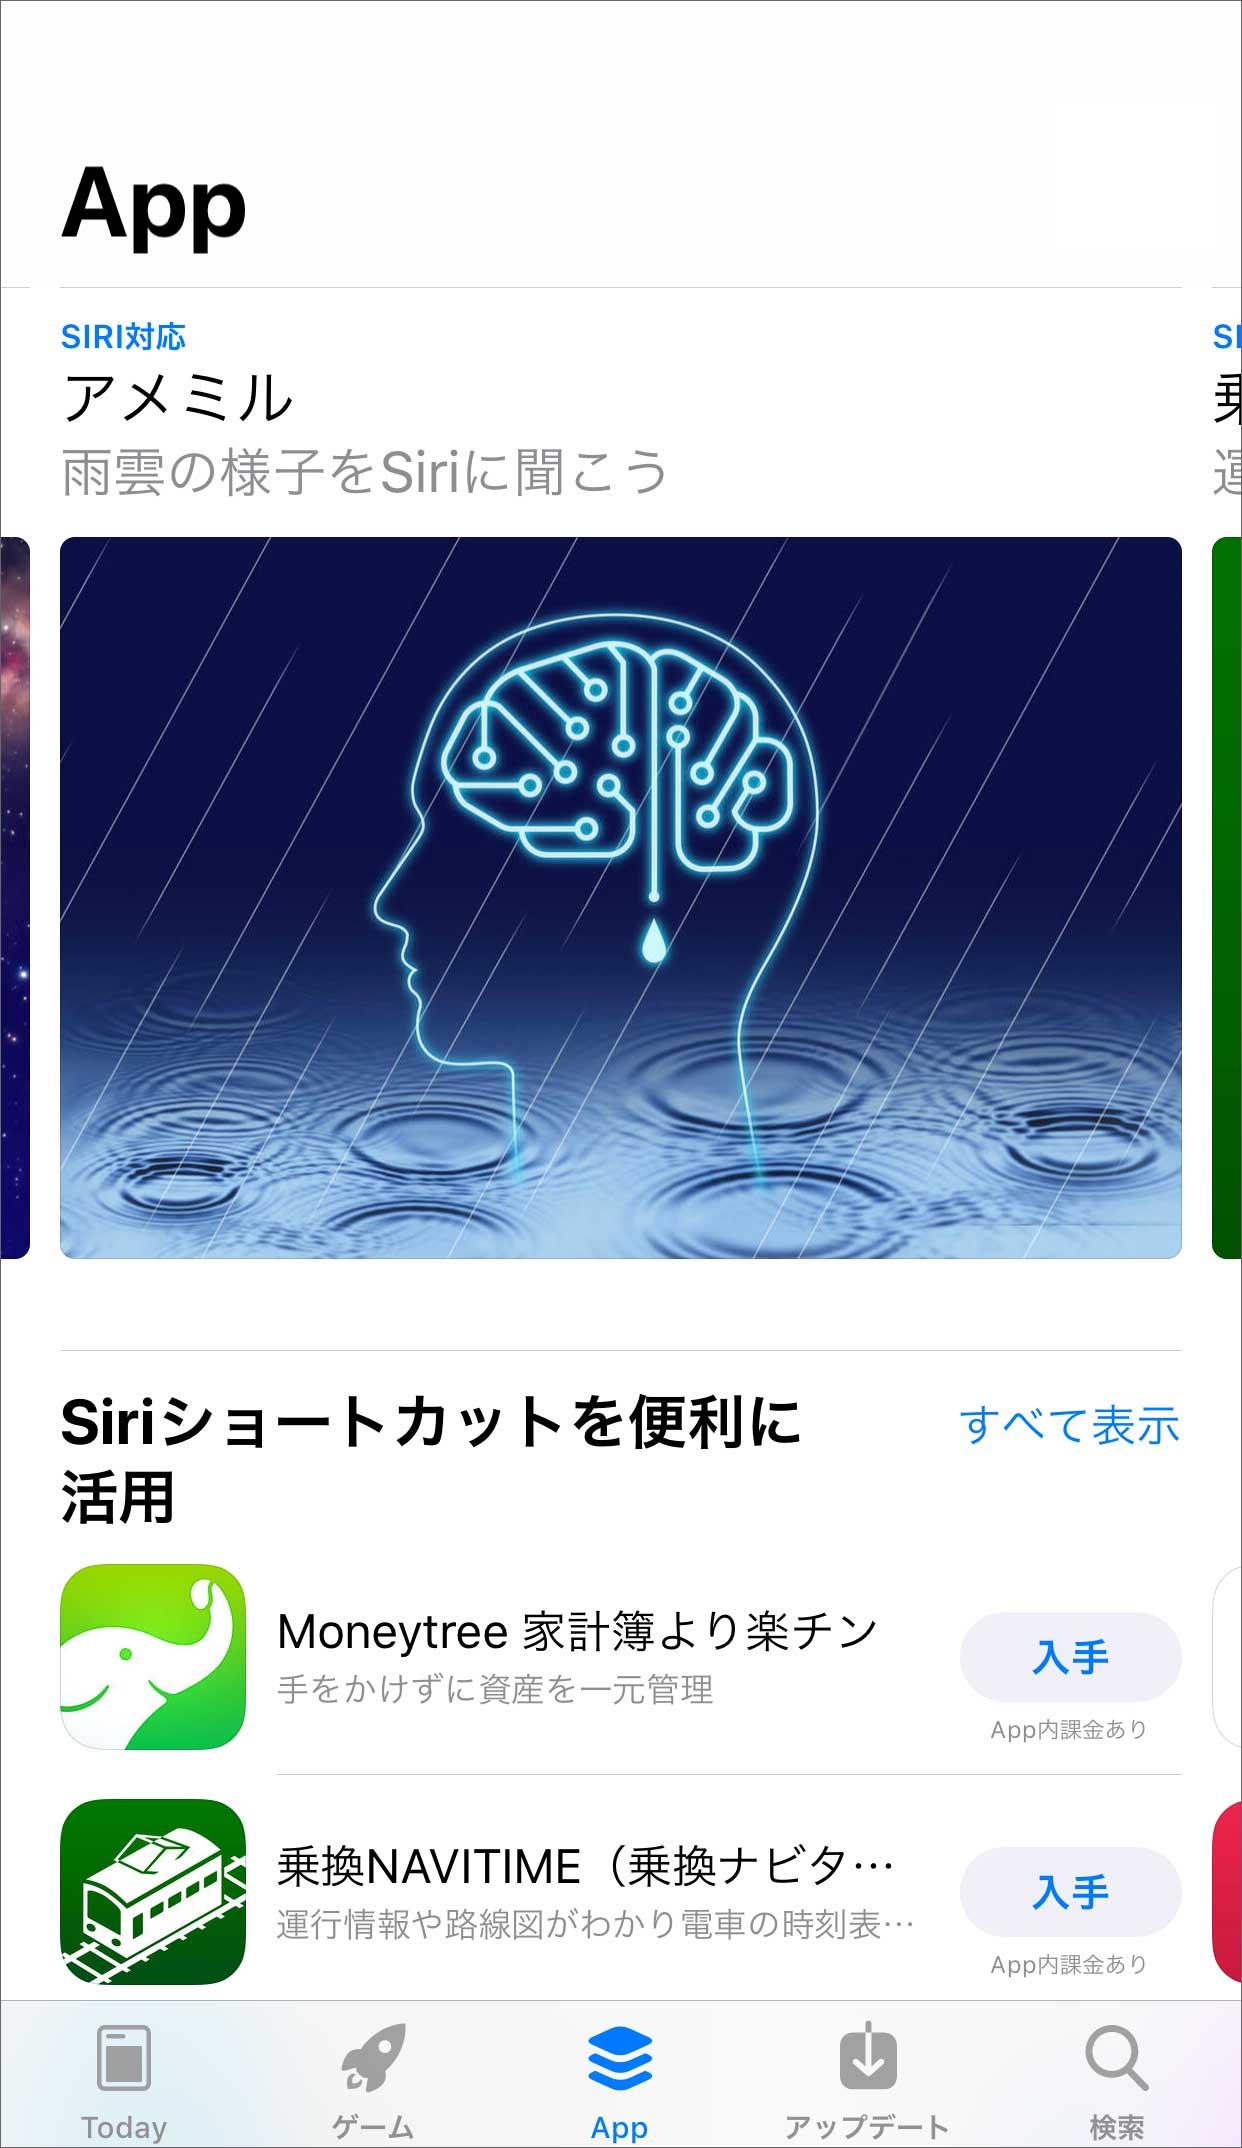 iOS App StoreのAppタブにアメミルがフィーチャーされたスクリーンショット